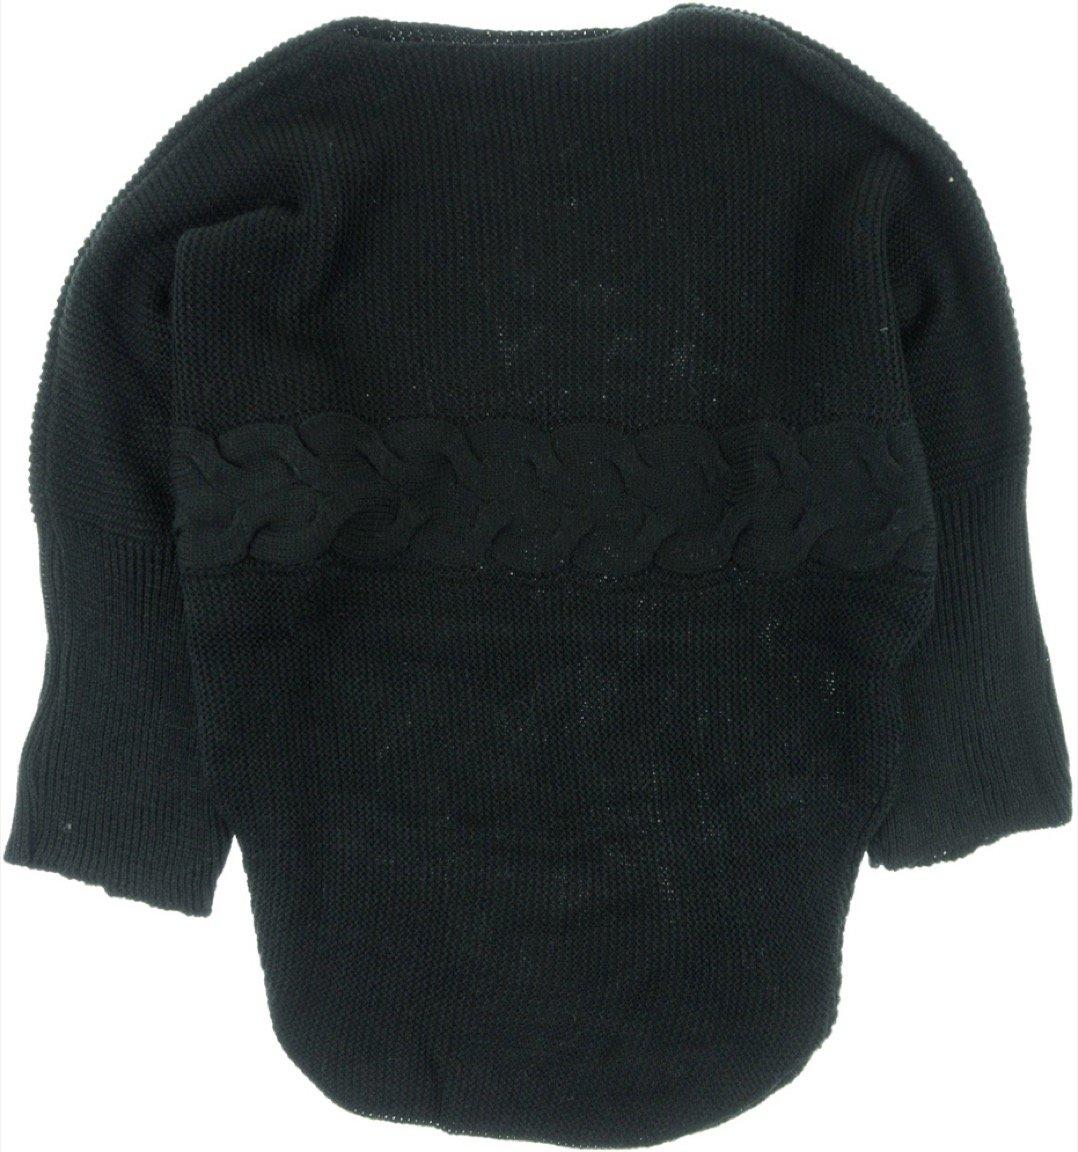 ΑΖ γυναικεία πλεκτή μπλούζα «Black Bat»